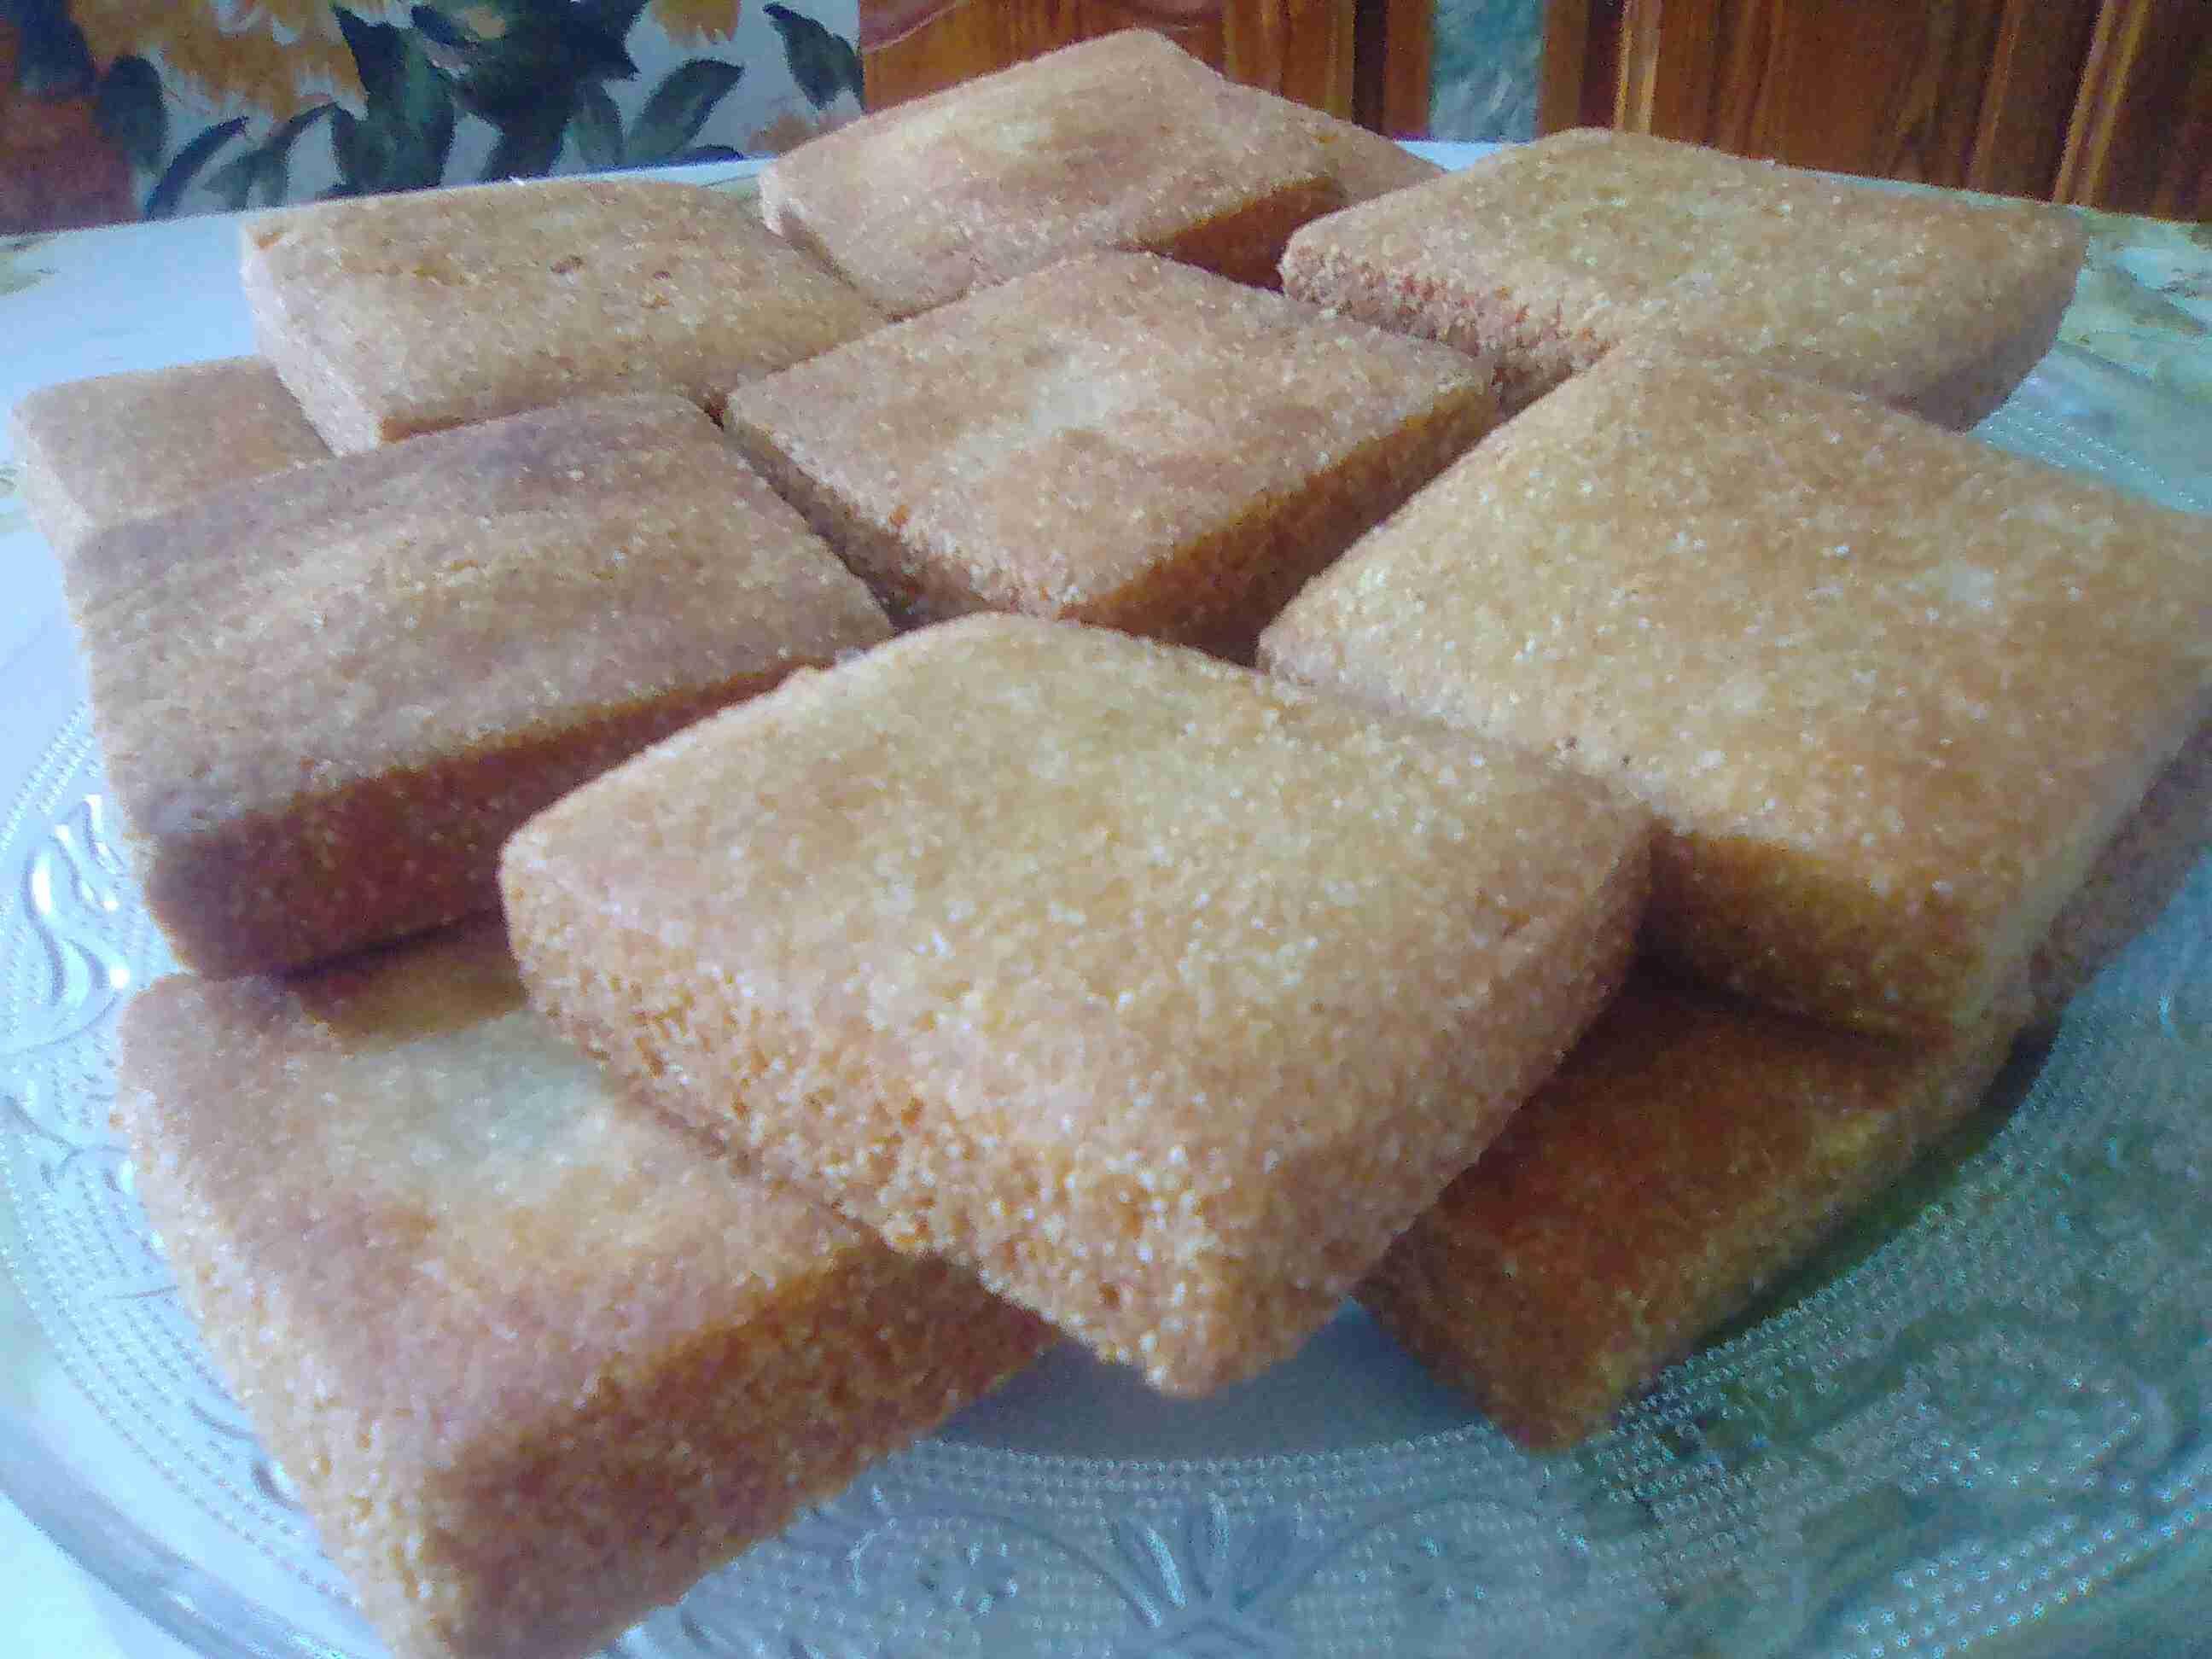 """مسابقة أكلات ماما """"المثقبة أو المبسس"""" نوع من المعجنات الجزائرية التقليدية"""